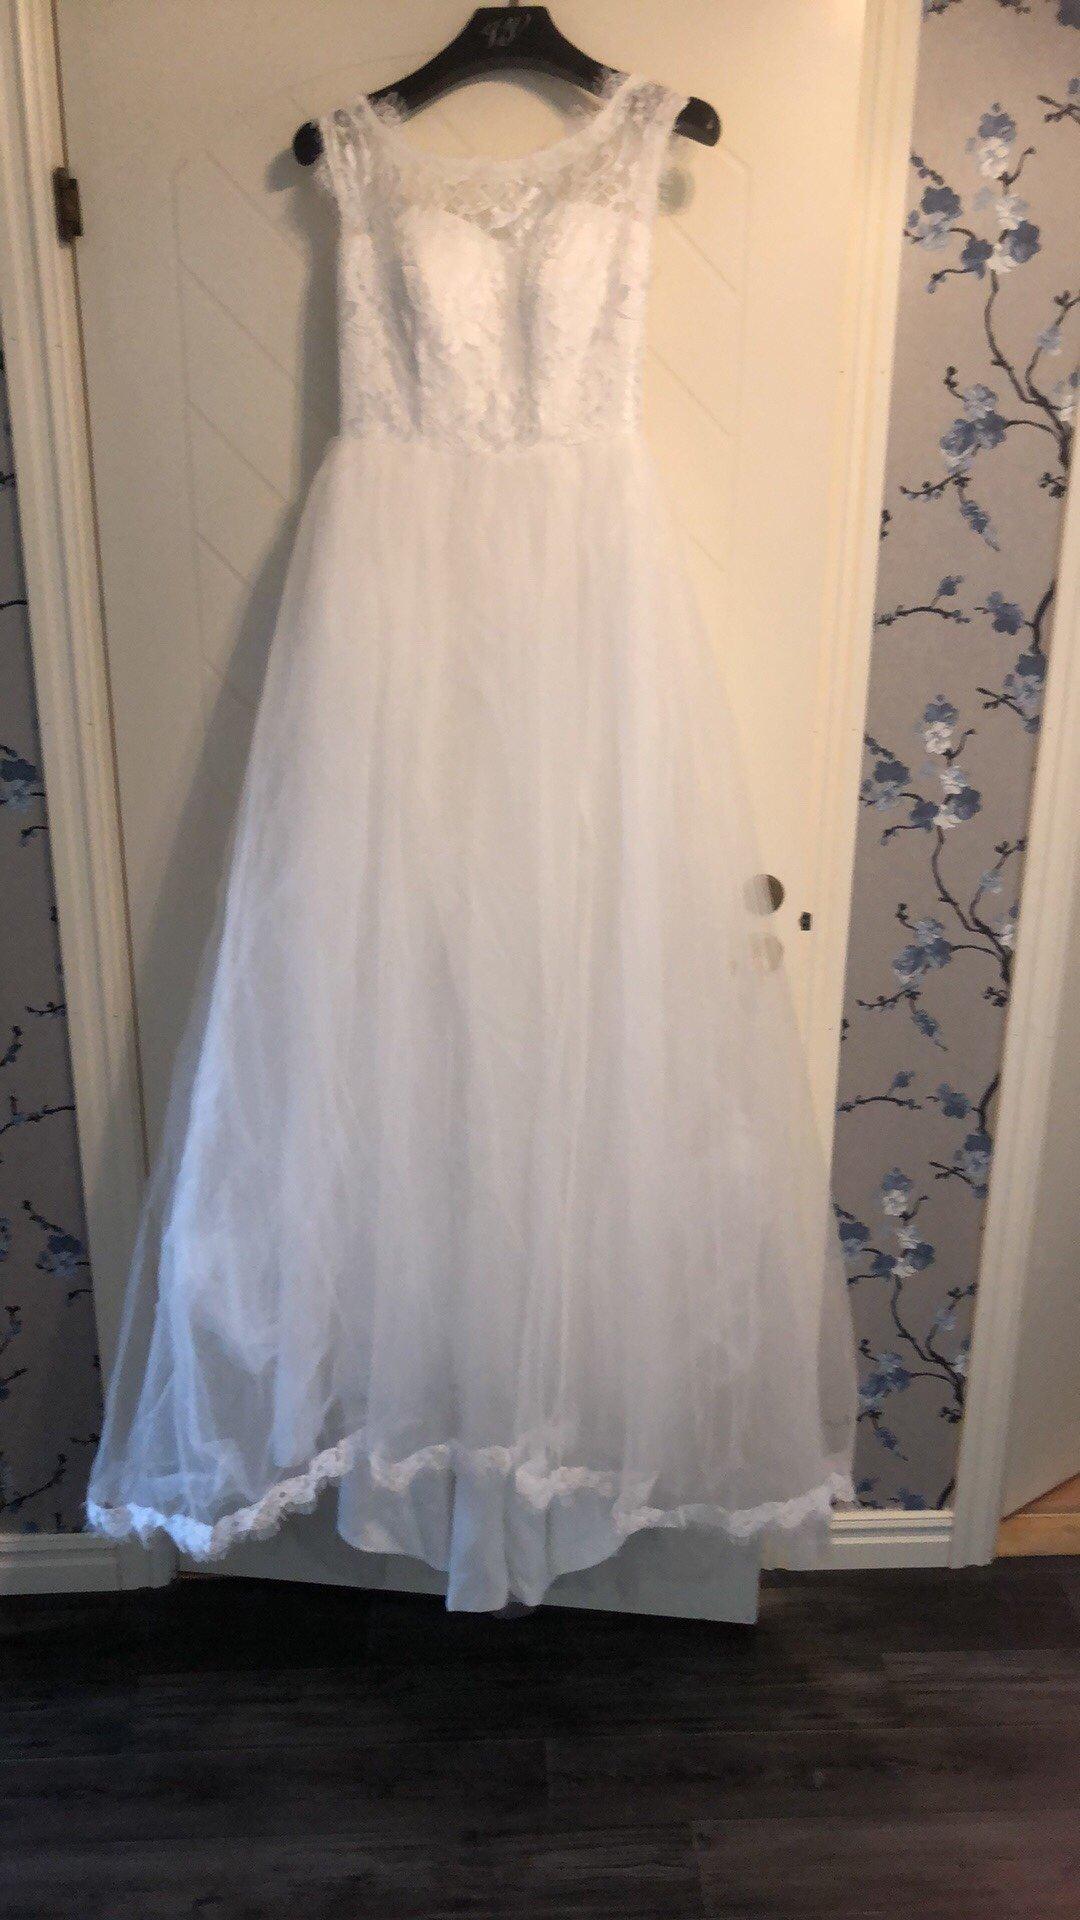 273384448599 Säljes ny oanvänd brudklänning stl 34/36 (350341594) ᐈ Köp på Tradera